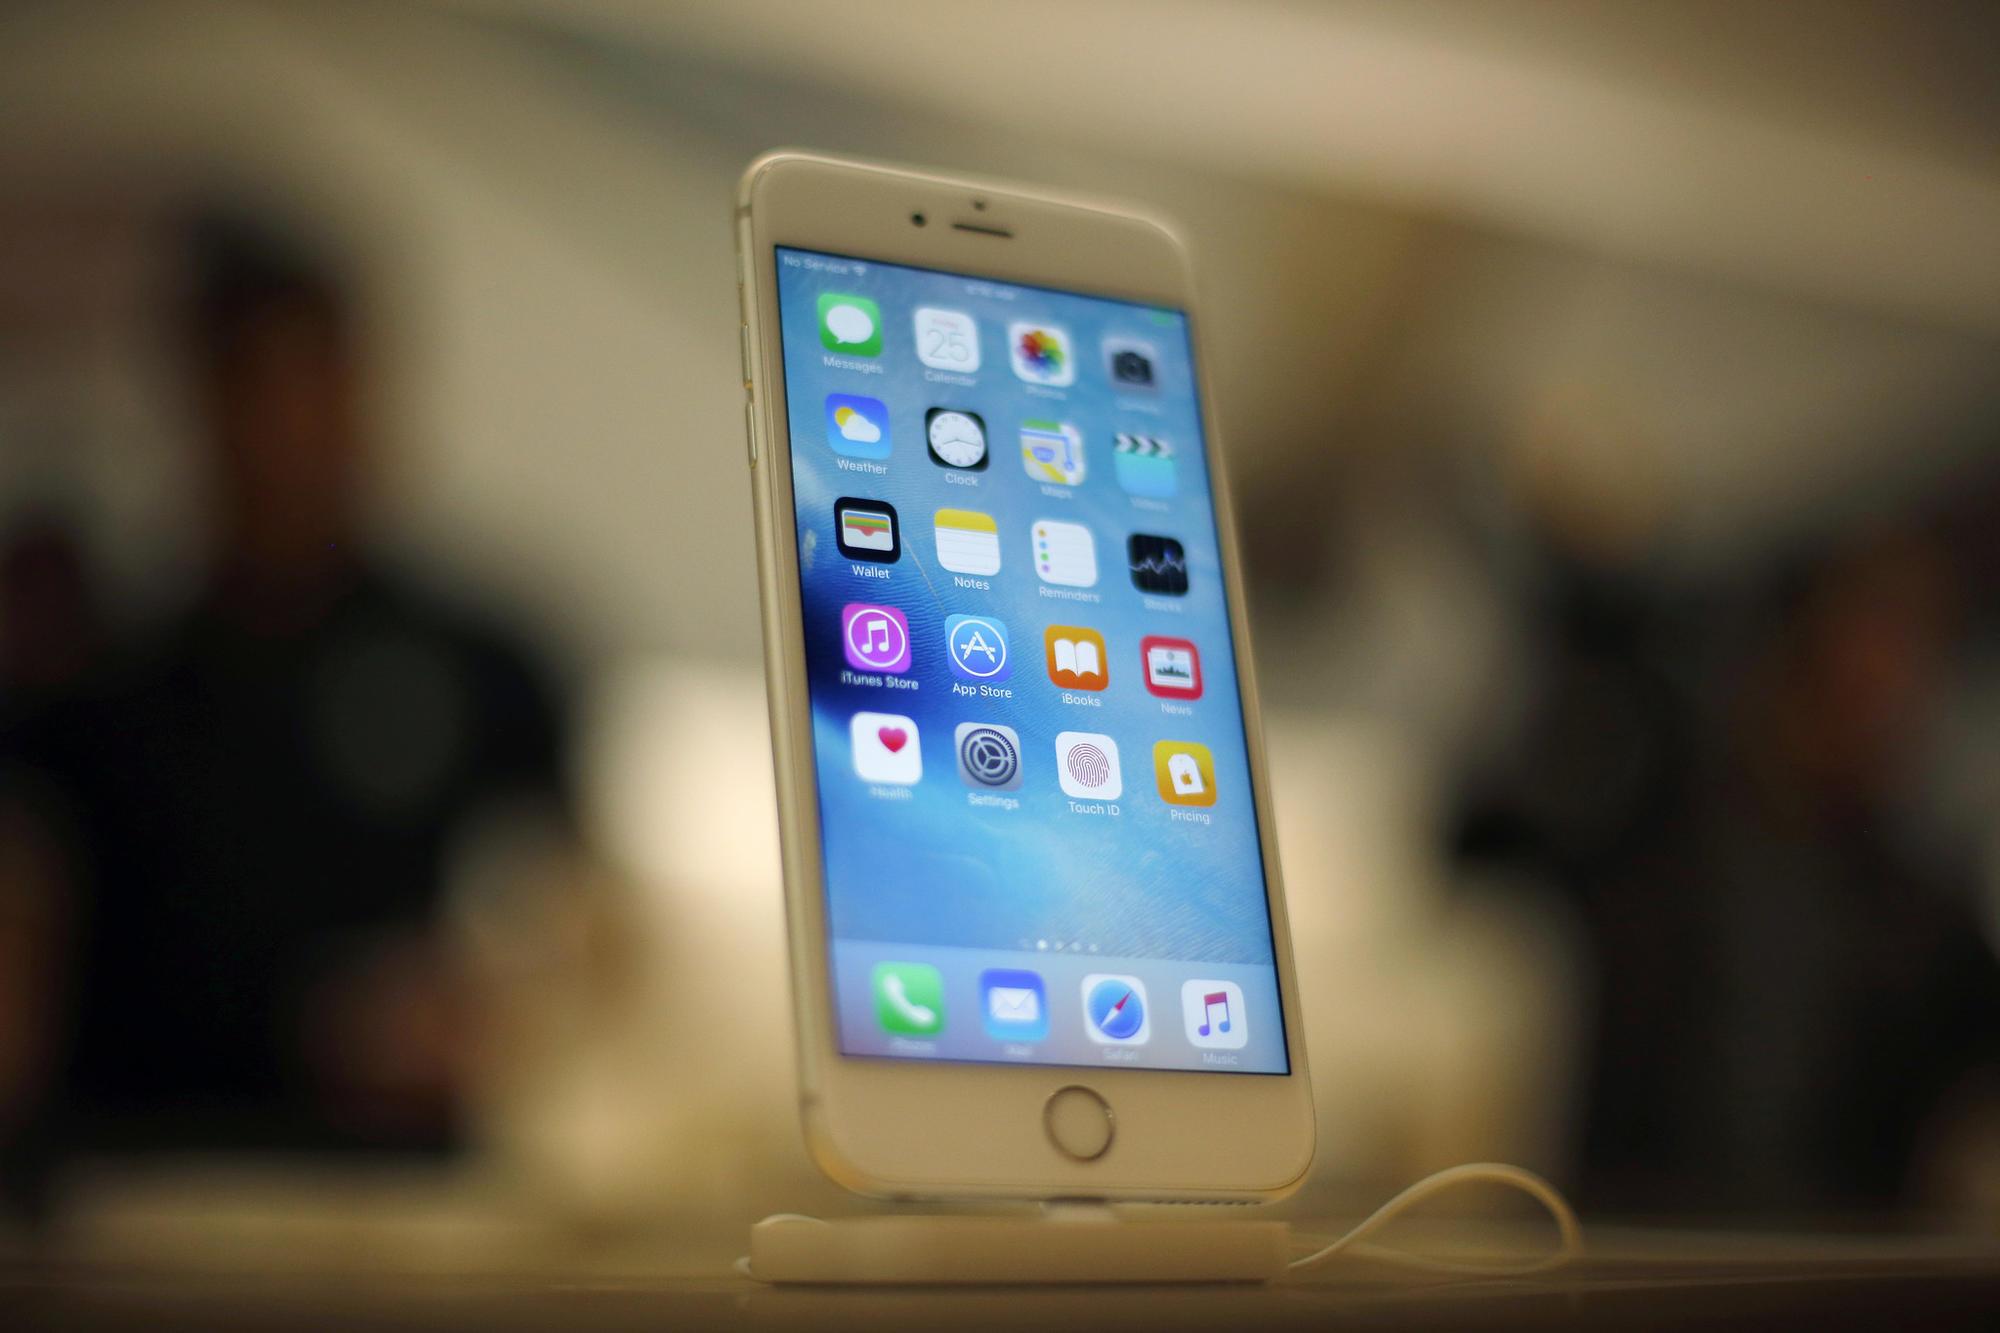 slowing iPhones